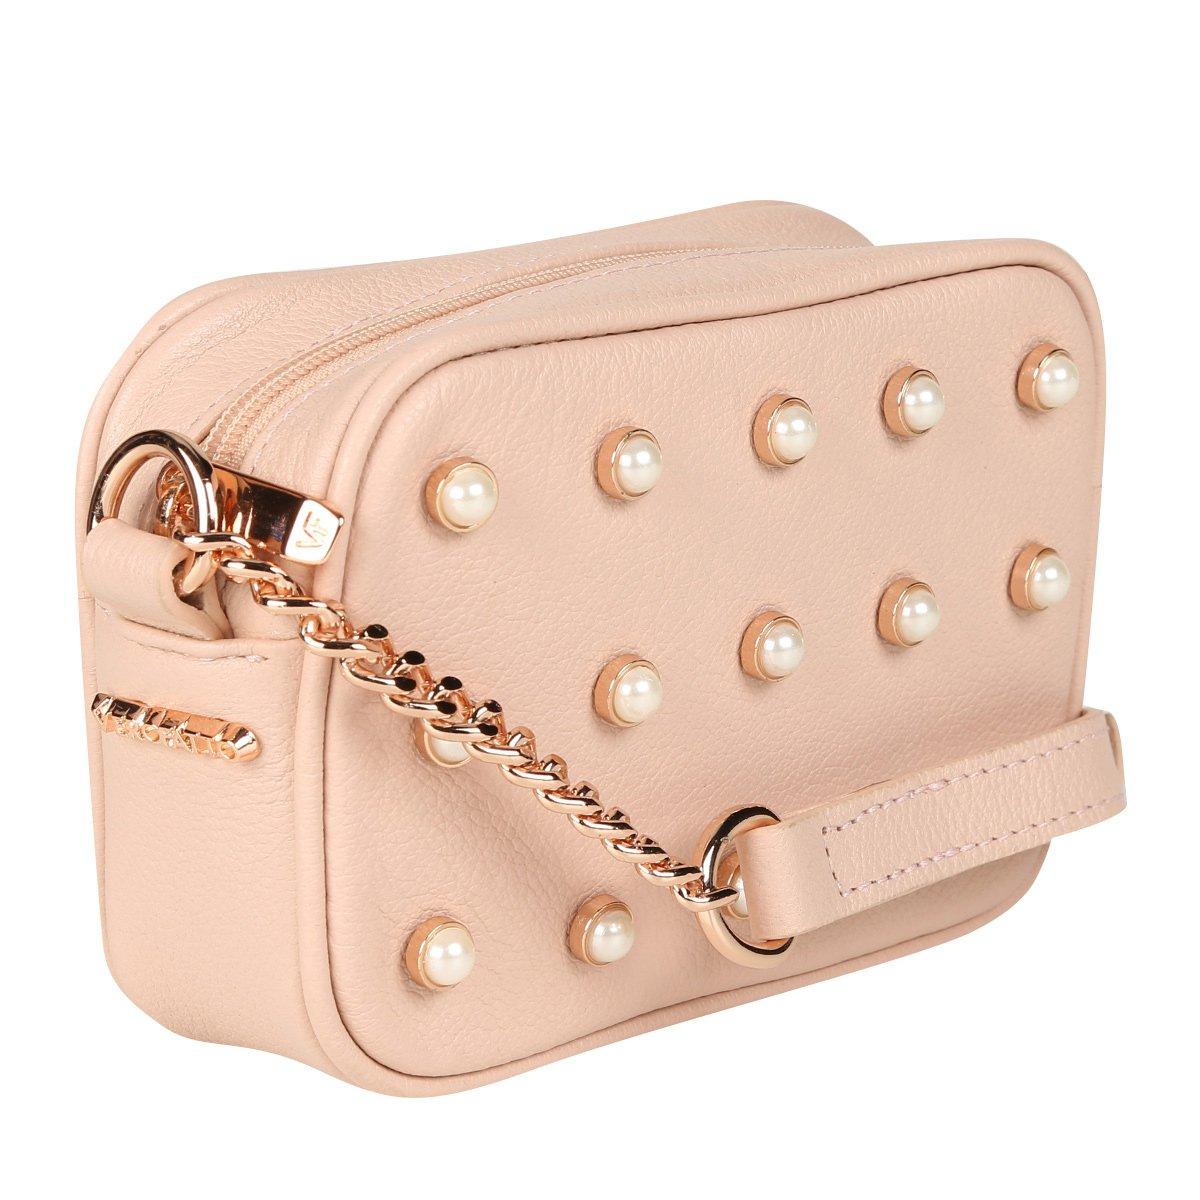 4ebdfb5f7 Bolsa Couro Verofatto Mini Bag Transversal Com Pérolas Feminina ...